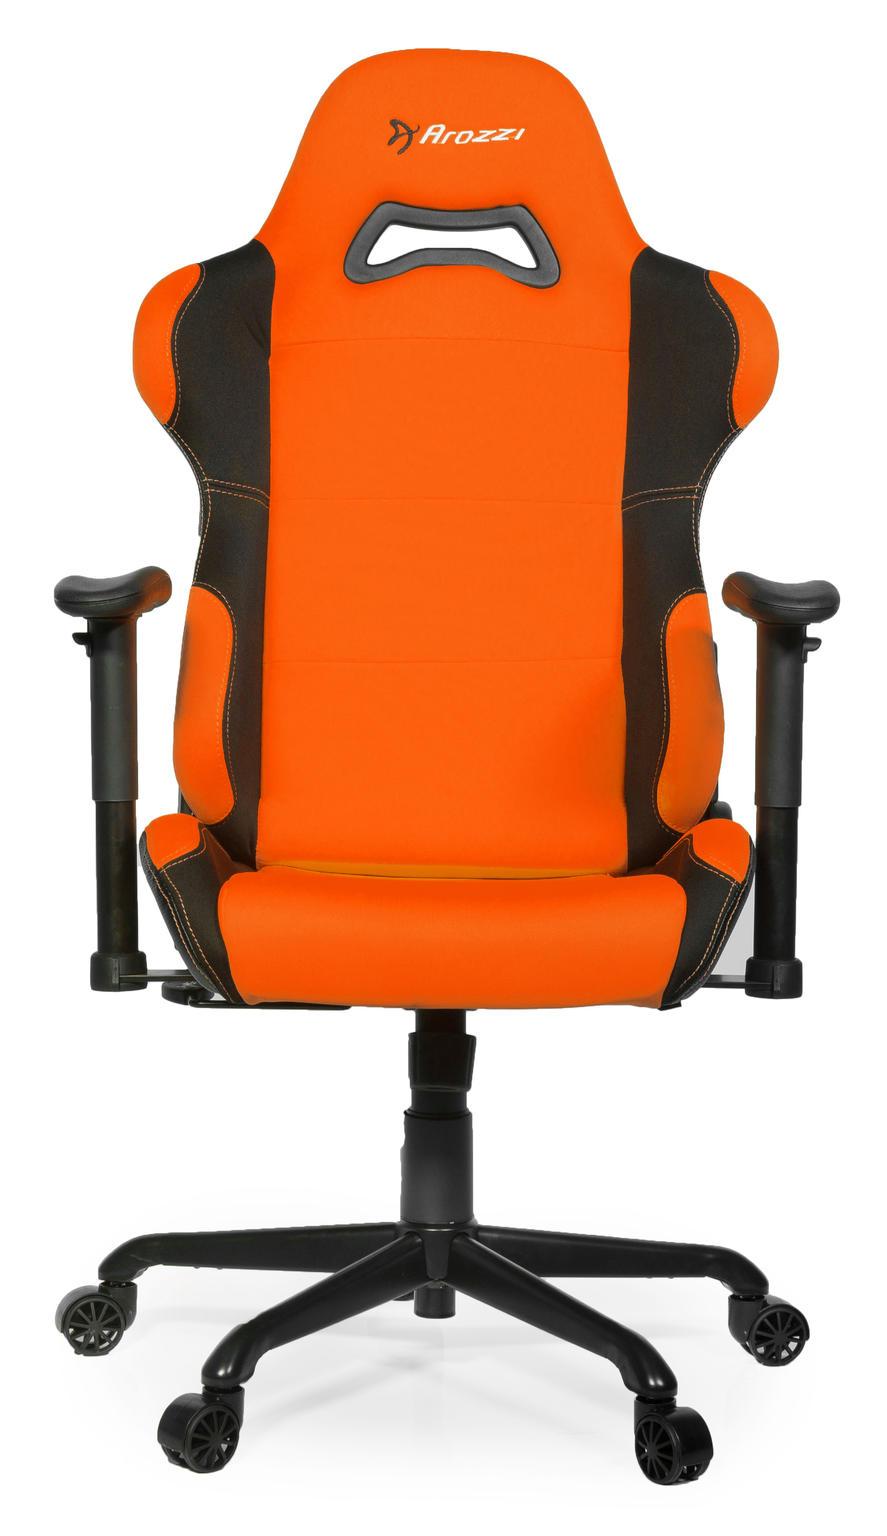 Arozzi Torretta gamestoel oranje